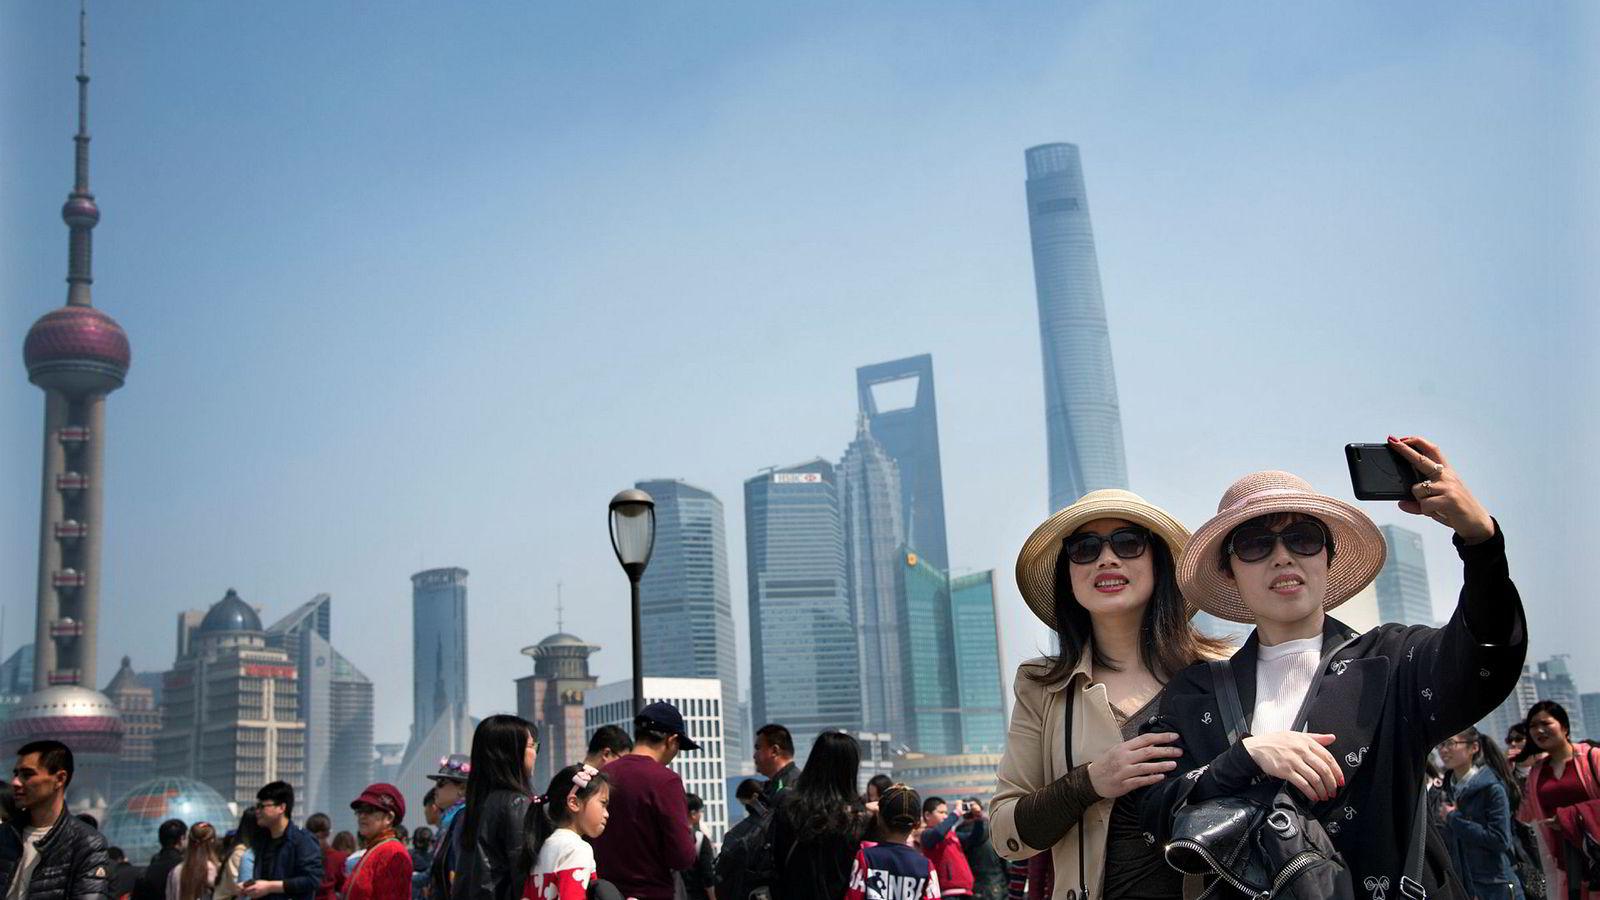 Nøkkelen til Kinas suksess er at landet går sin egen vei. Jeg oppfordrer mine norske venner til selv å besøke Kina og oppleve utviklingen landet gjennomgår, skriver Kinas ambassadør til Norge, Yi Xianliang. Her fra «The Bund» i Shanghai med skyskraperne i Pudongområdet som bakgrunn.